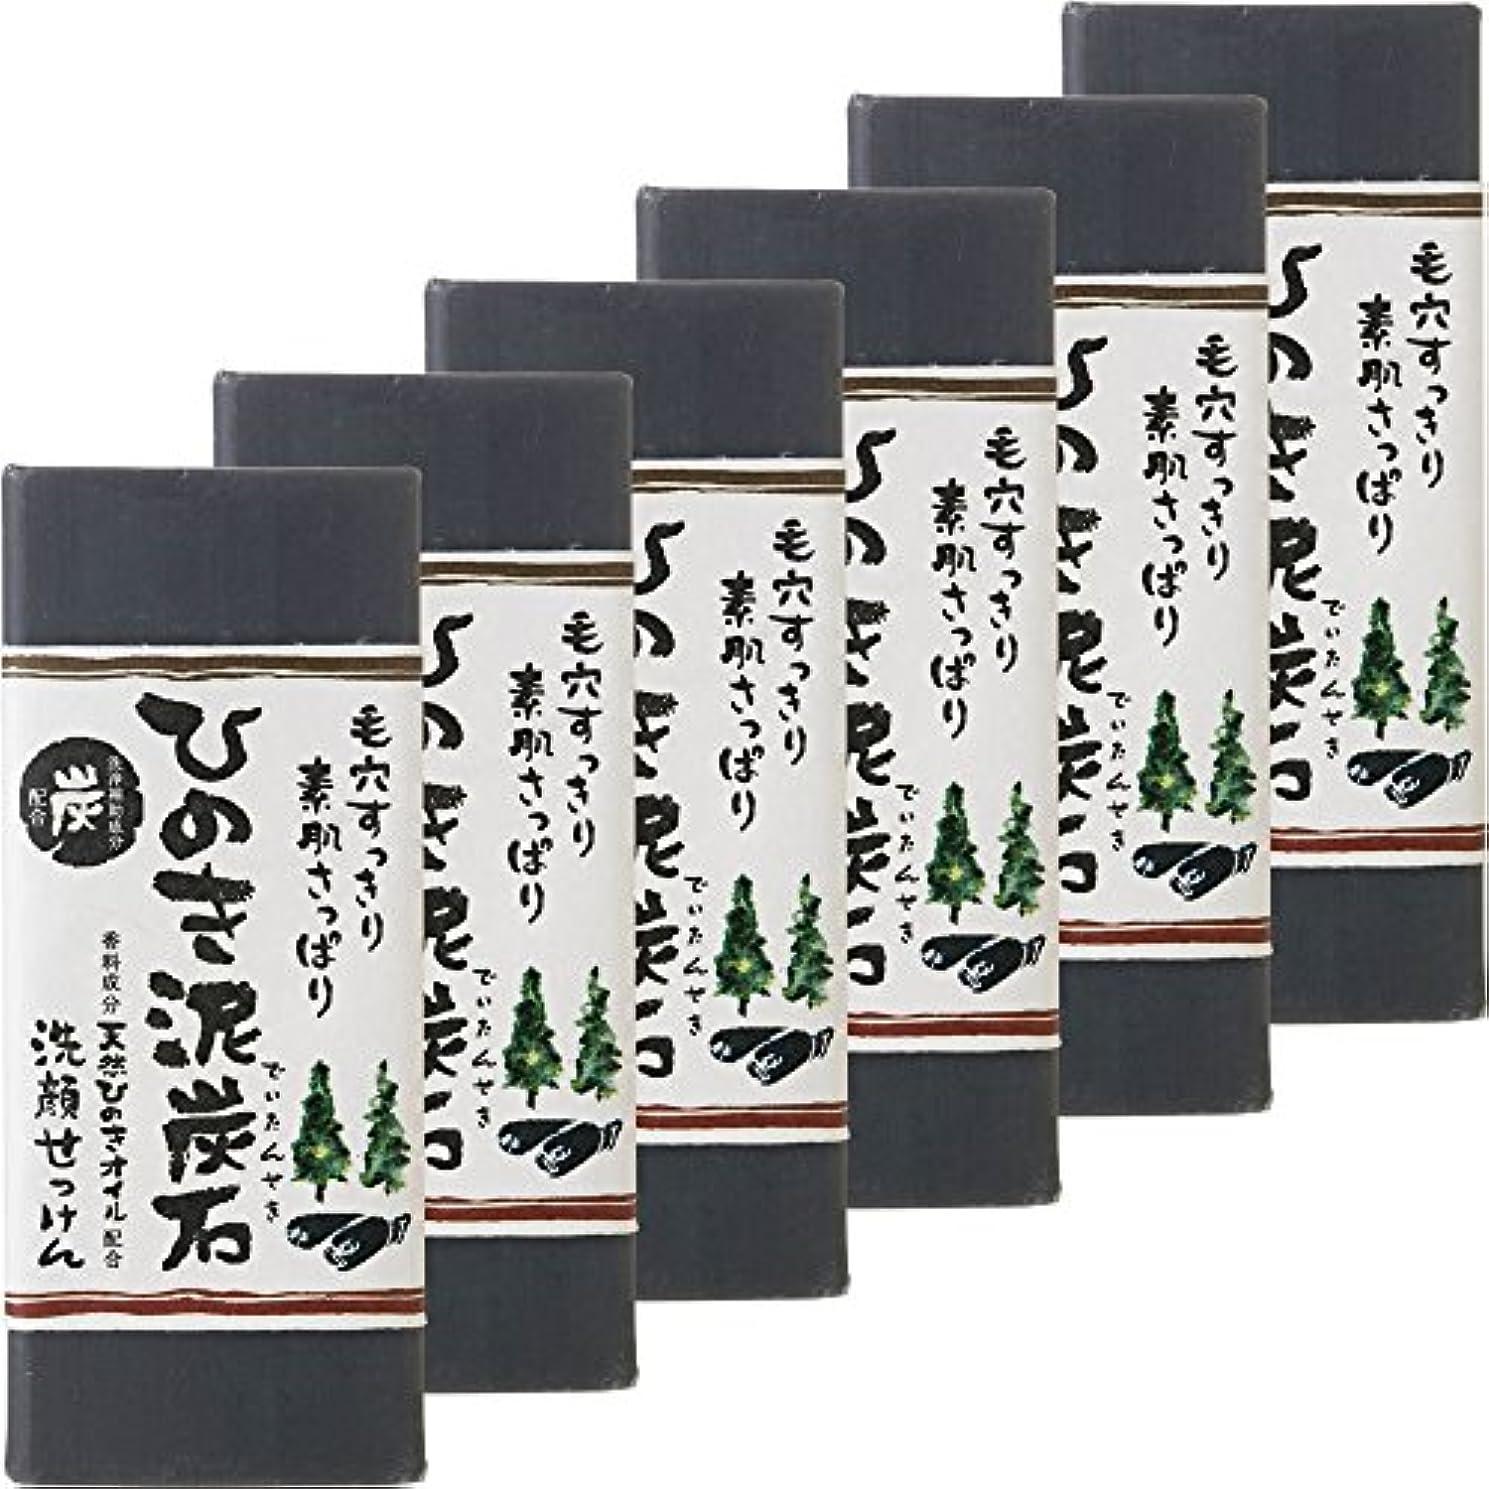 命令的フェンスオフひのき泥炭石 洗顔せっけん すっきりタイプ (150g×6個) 石けん [天然ひのきオイル配合]